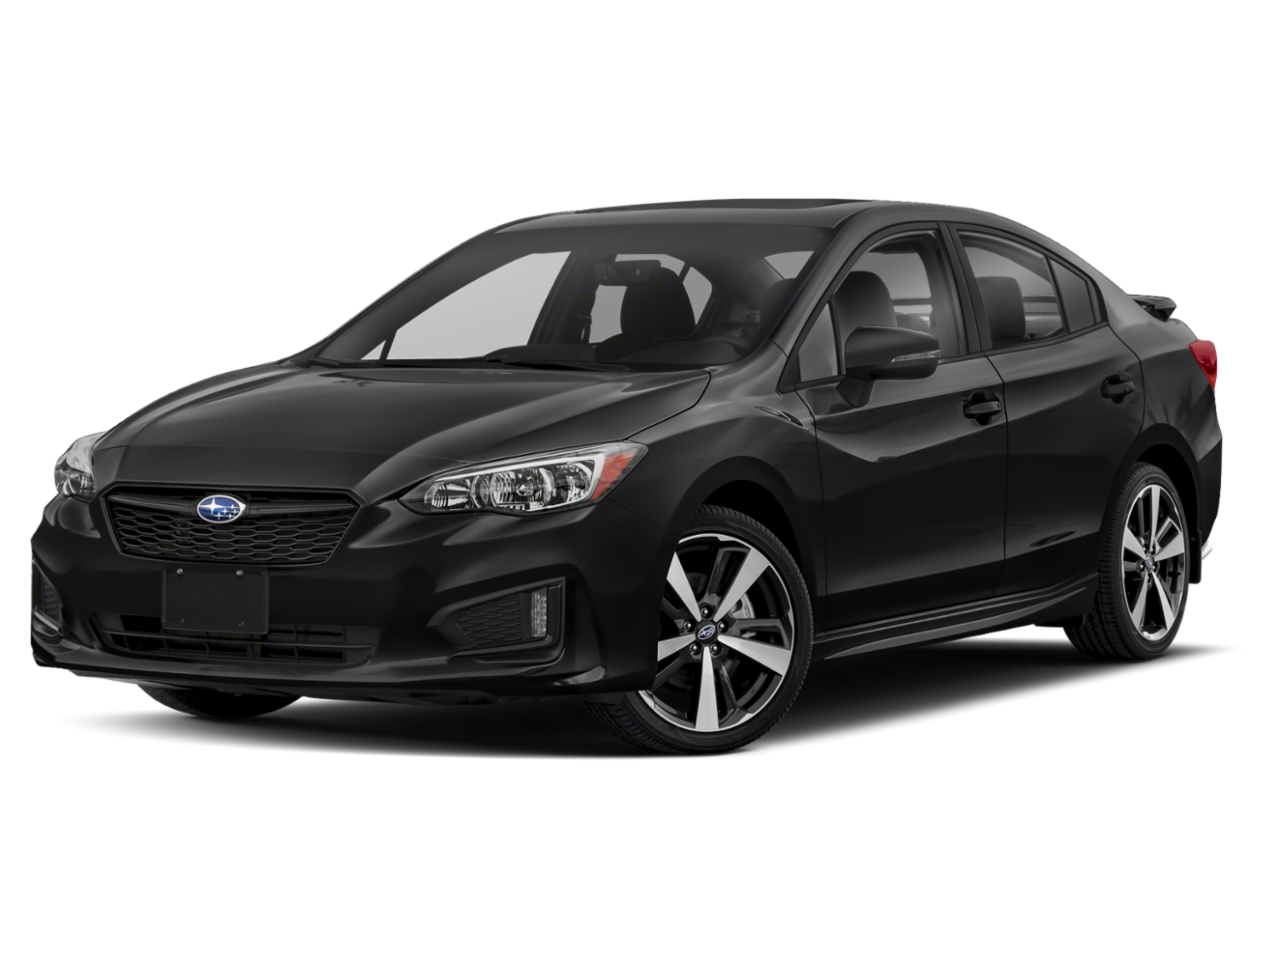 2019 Subaru Impreza 2.0i Sport 4dr Car